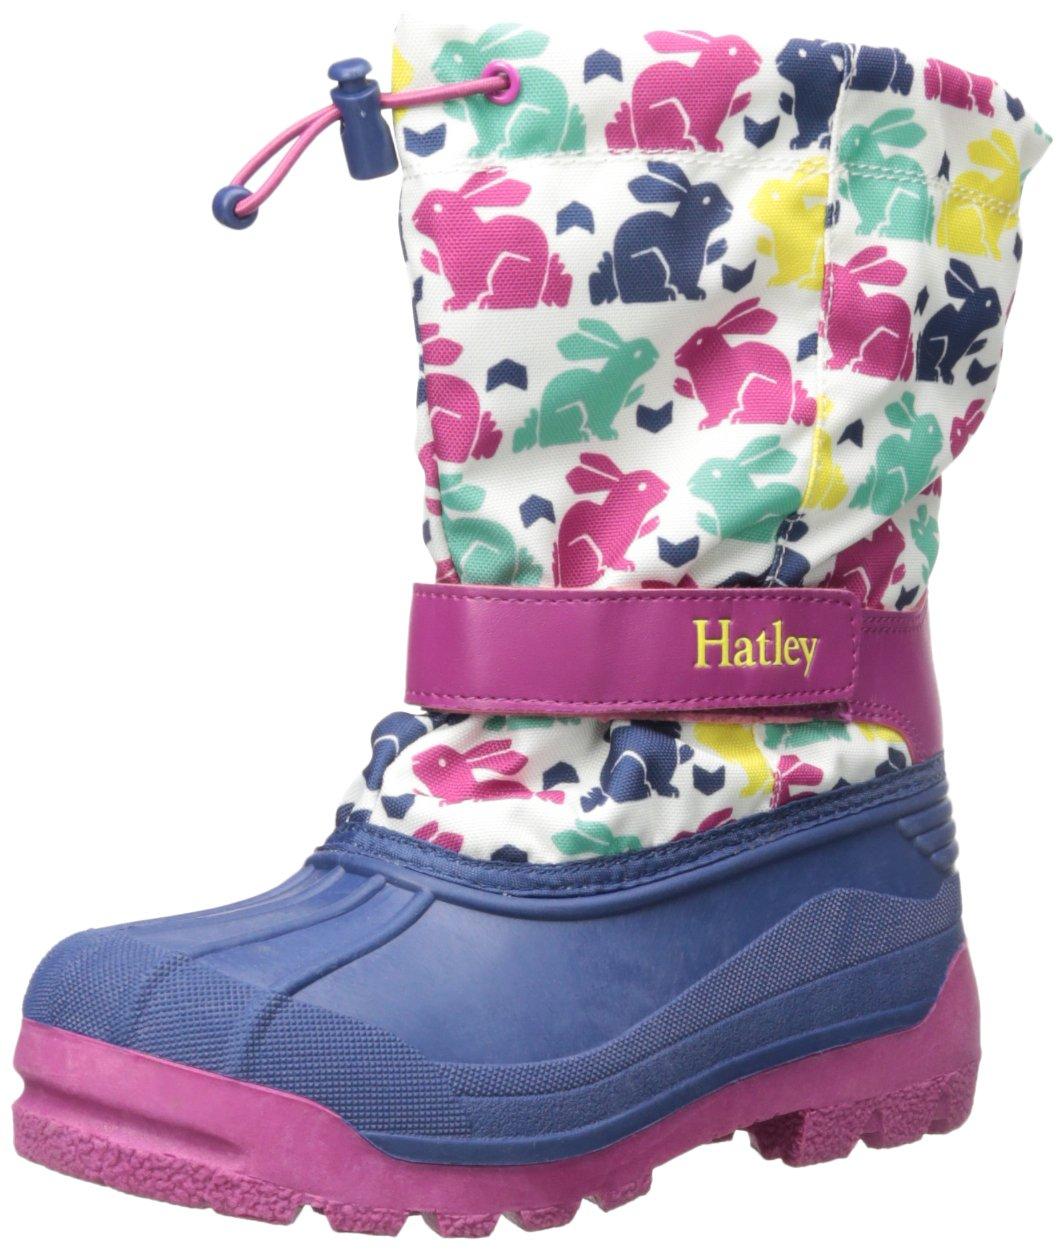 Hatley Little Girls Ski Bunny Winter Boot, White, 13 Little Kid